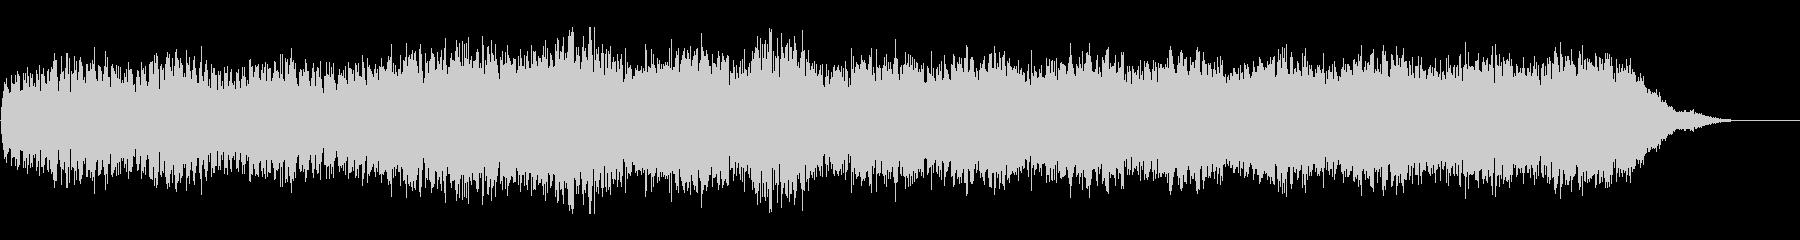 KANTアンビエント混沌200616の未再生の波形